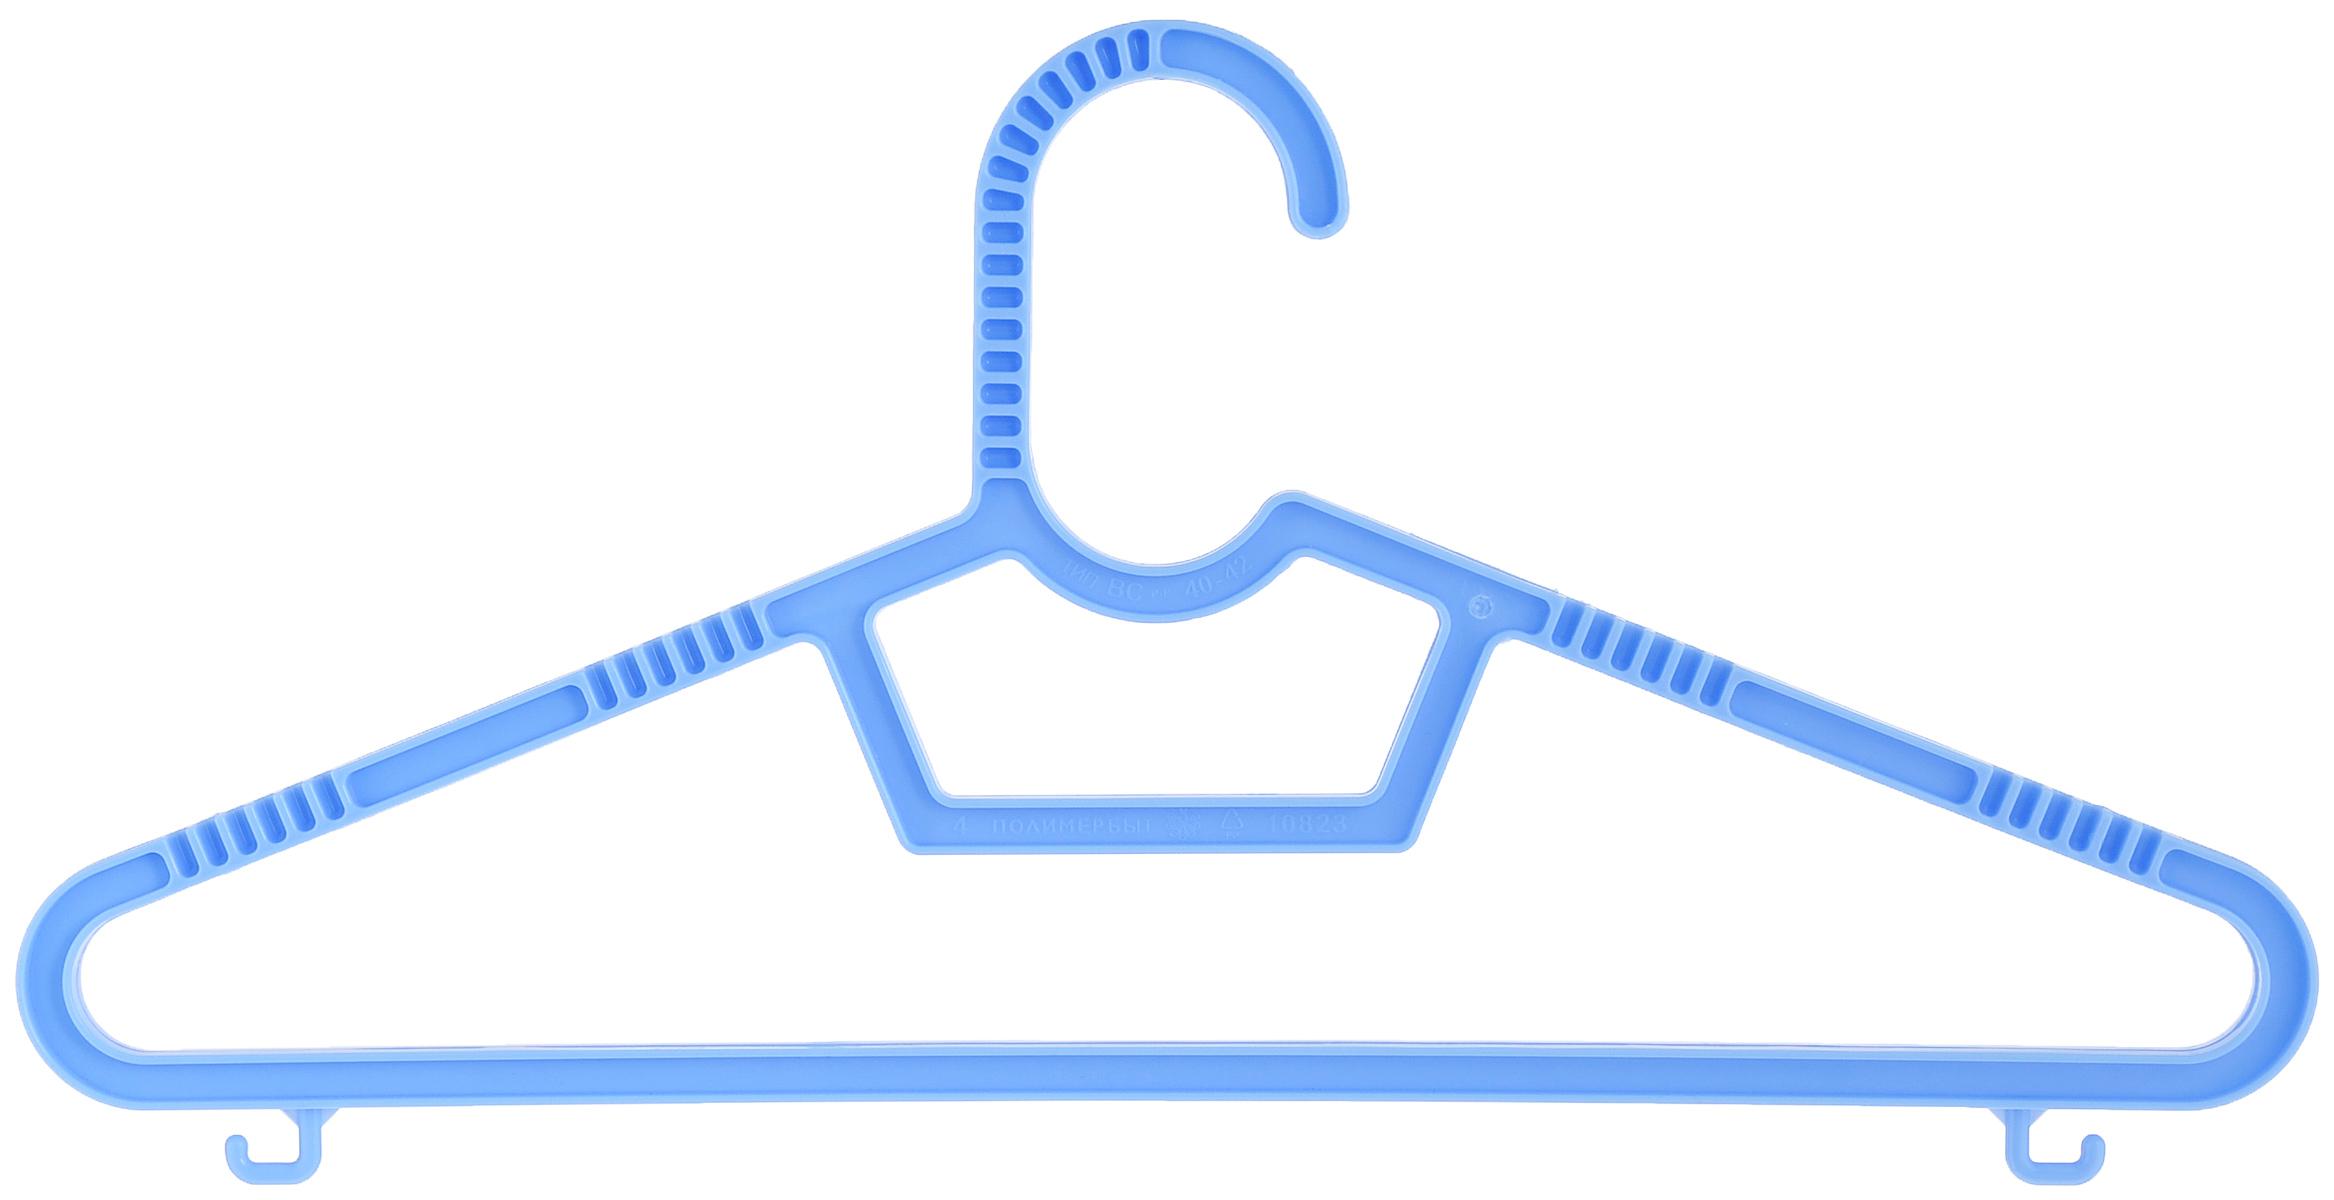 Набор детских вешалок Полимербыт, цвет: голубой, размер 40-42, 3 штПБ 236_голубойНабор Полимербыт состоит из трех детских вешалок для одежды, выполненных из пластика. У вешалок есть перекладина и два небольших крючка по бокам. Плечики вешалки подойдут для одежды размера 40-42.Вешалка - это незаменимая вещь для того, чтобы ваша одежда всегда оставалась в хорошем состоянии.